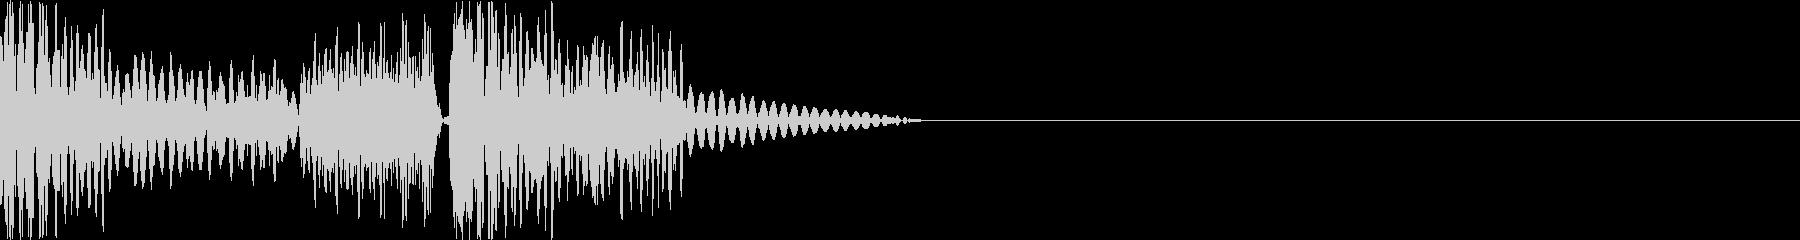 Dub DrumBass 05-03bの未再生の波形